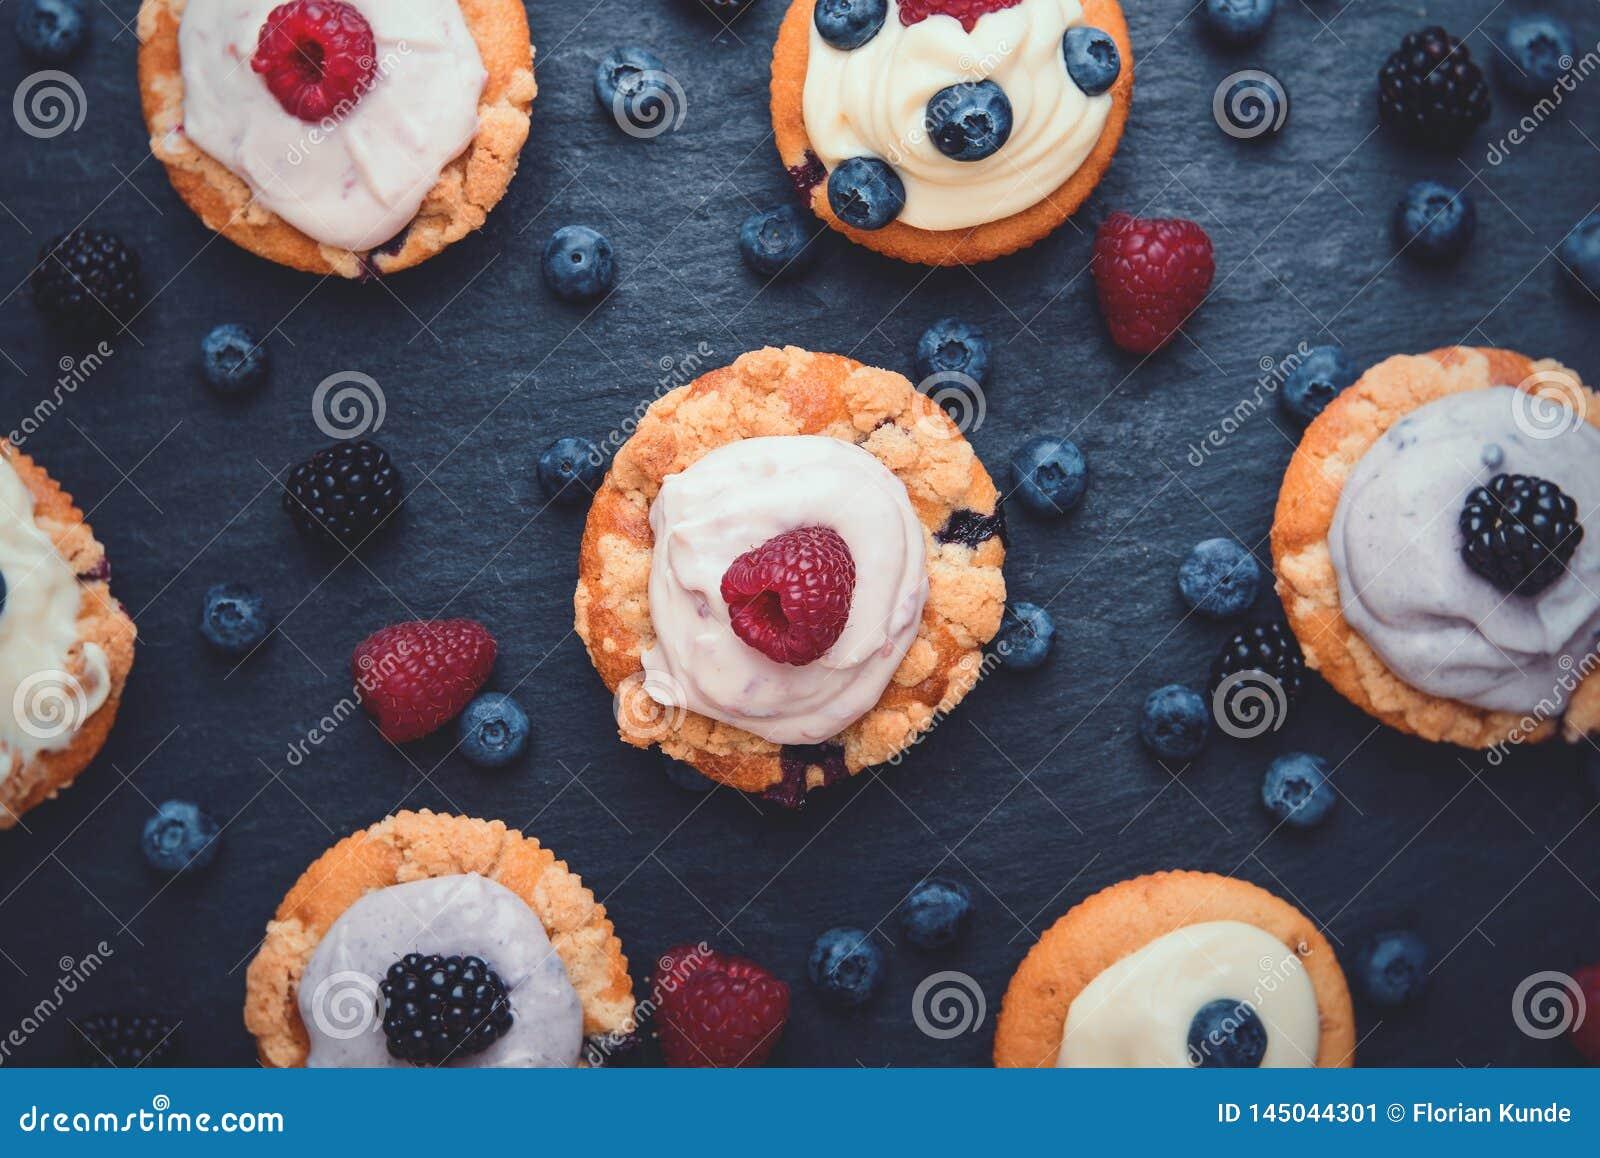 Hoogste mening van Berry Cupcakes met romig bovenste laagje